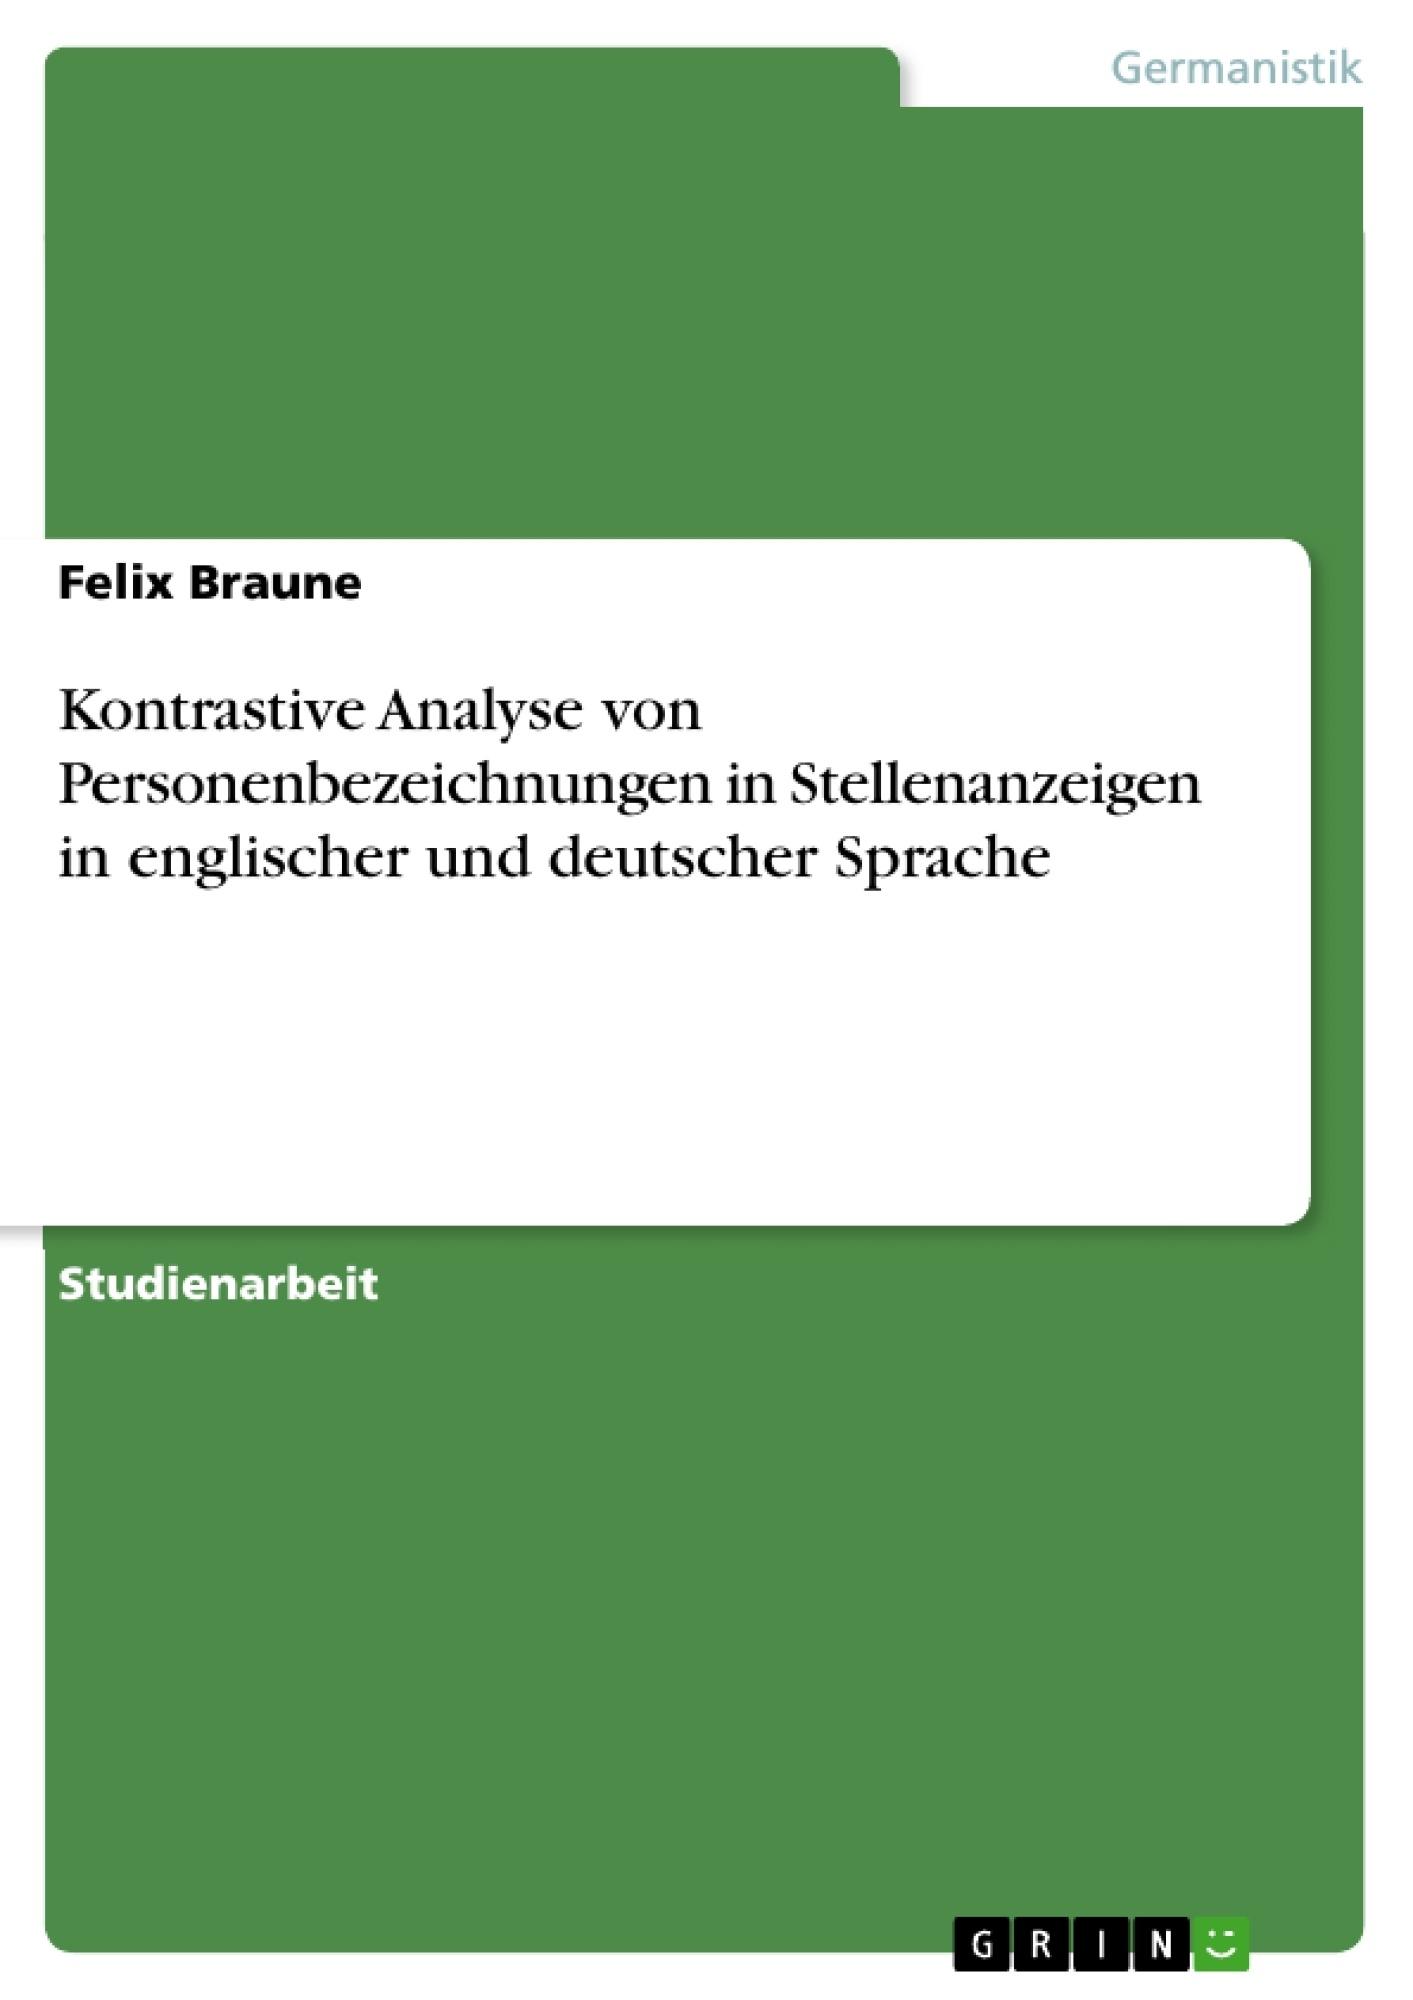 Titel: Kontrastive Analyse von Personenbezeichnungen in Stellenanzeigen in englischer und deutscher Sprache